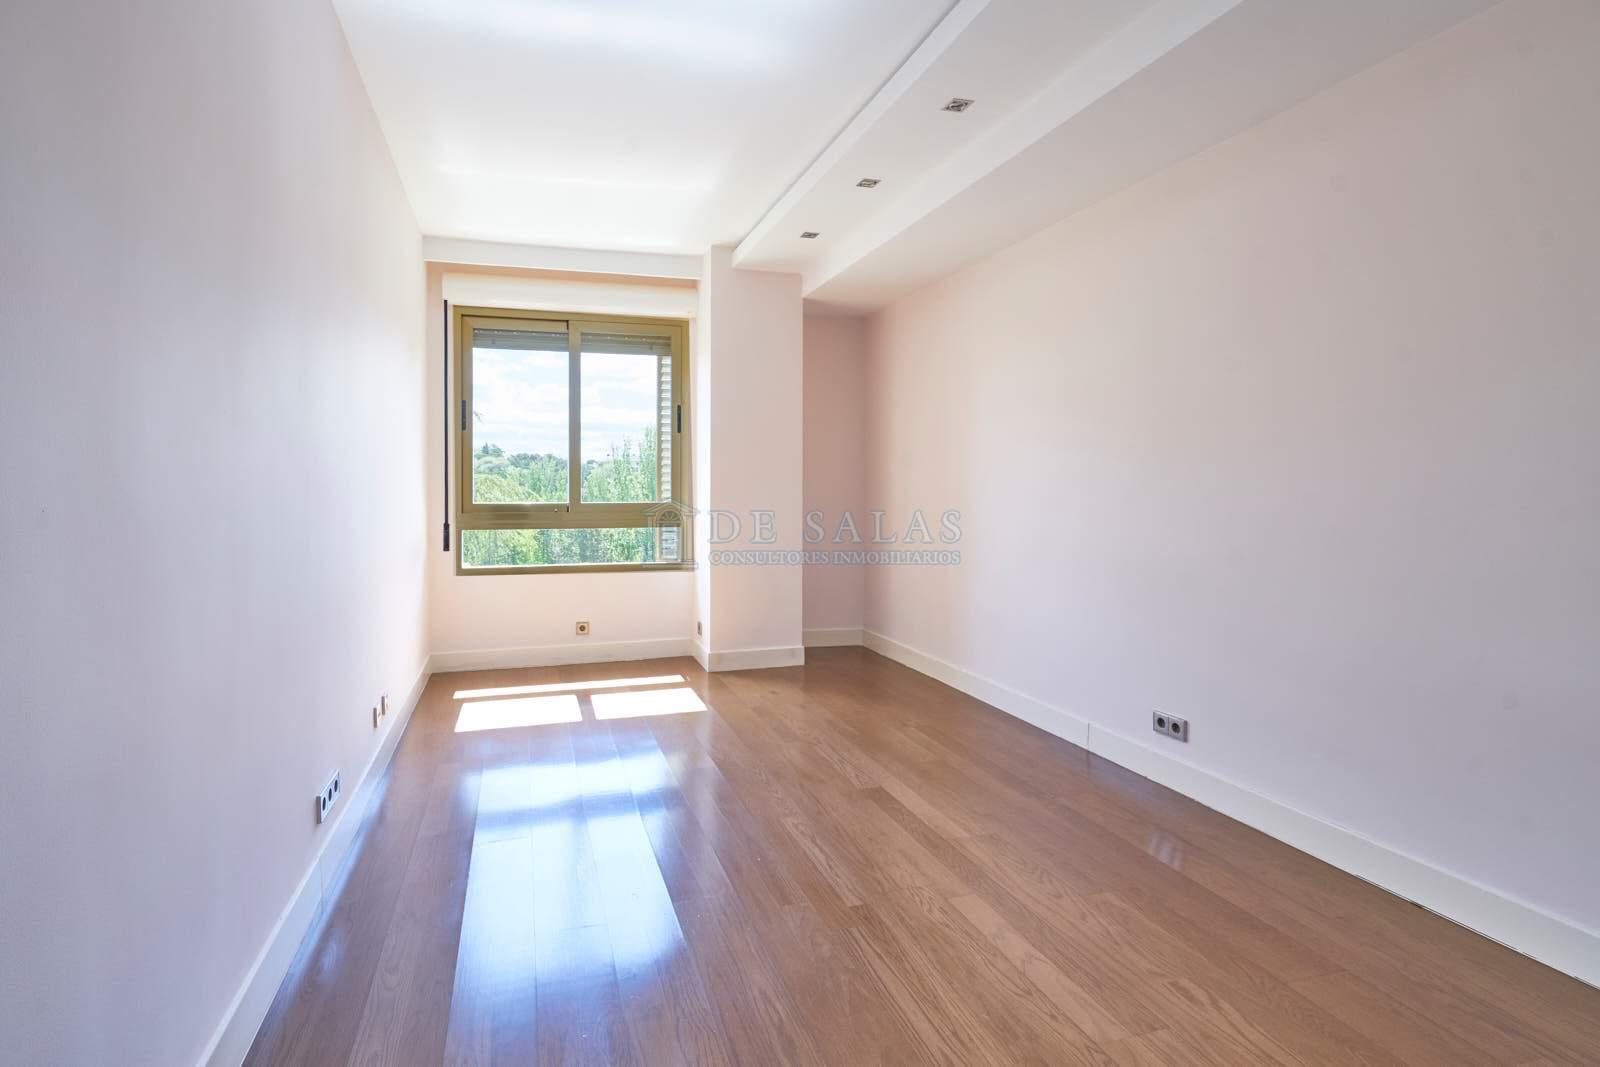 Dormitorio-013 Flat Soto de la Moraleja